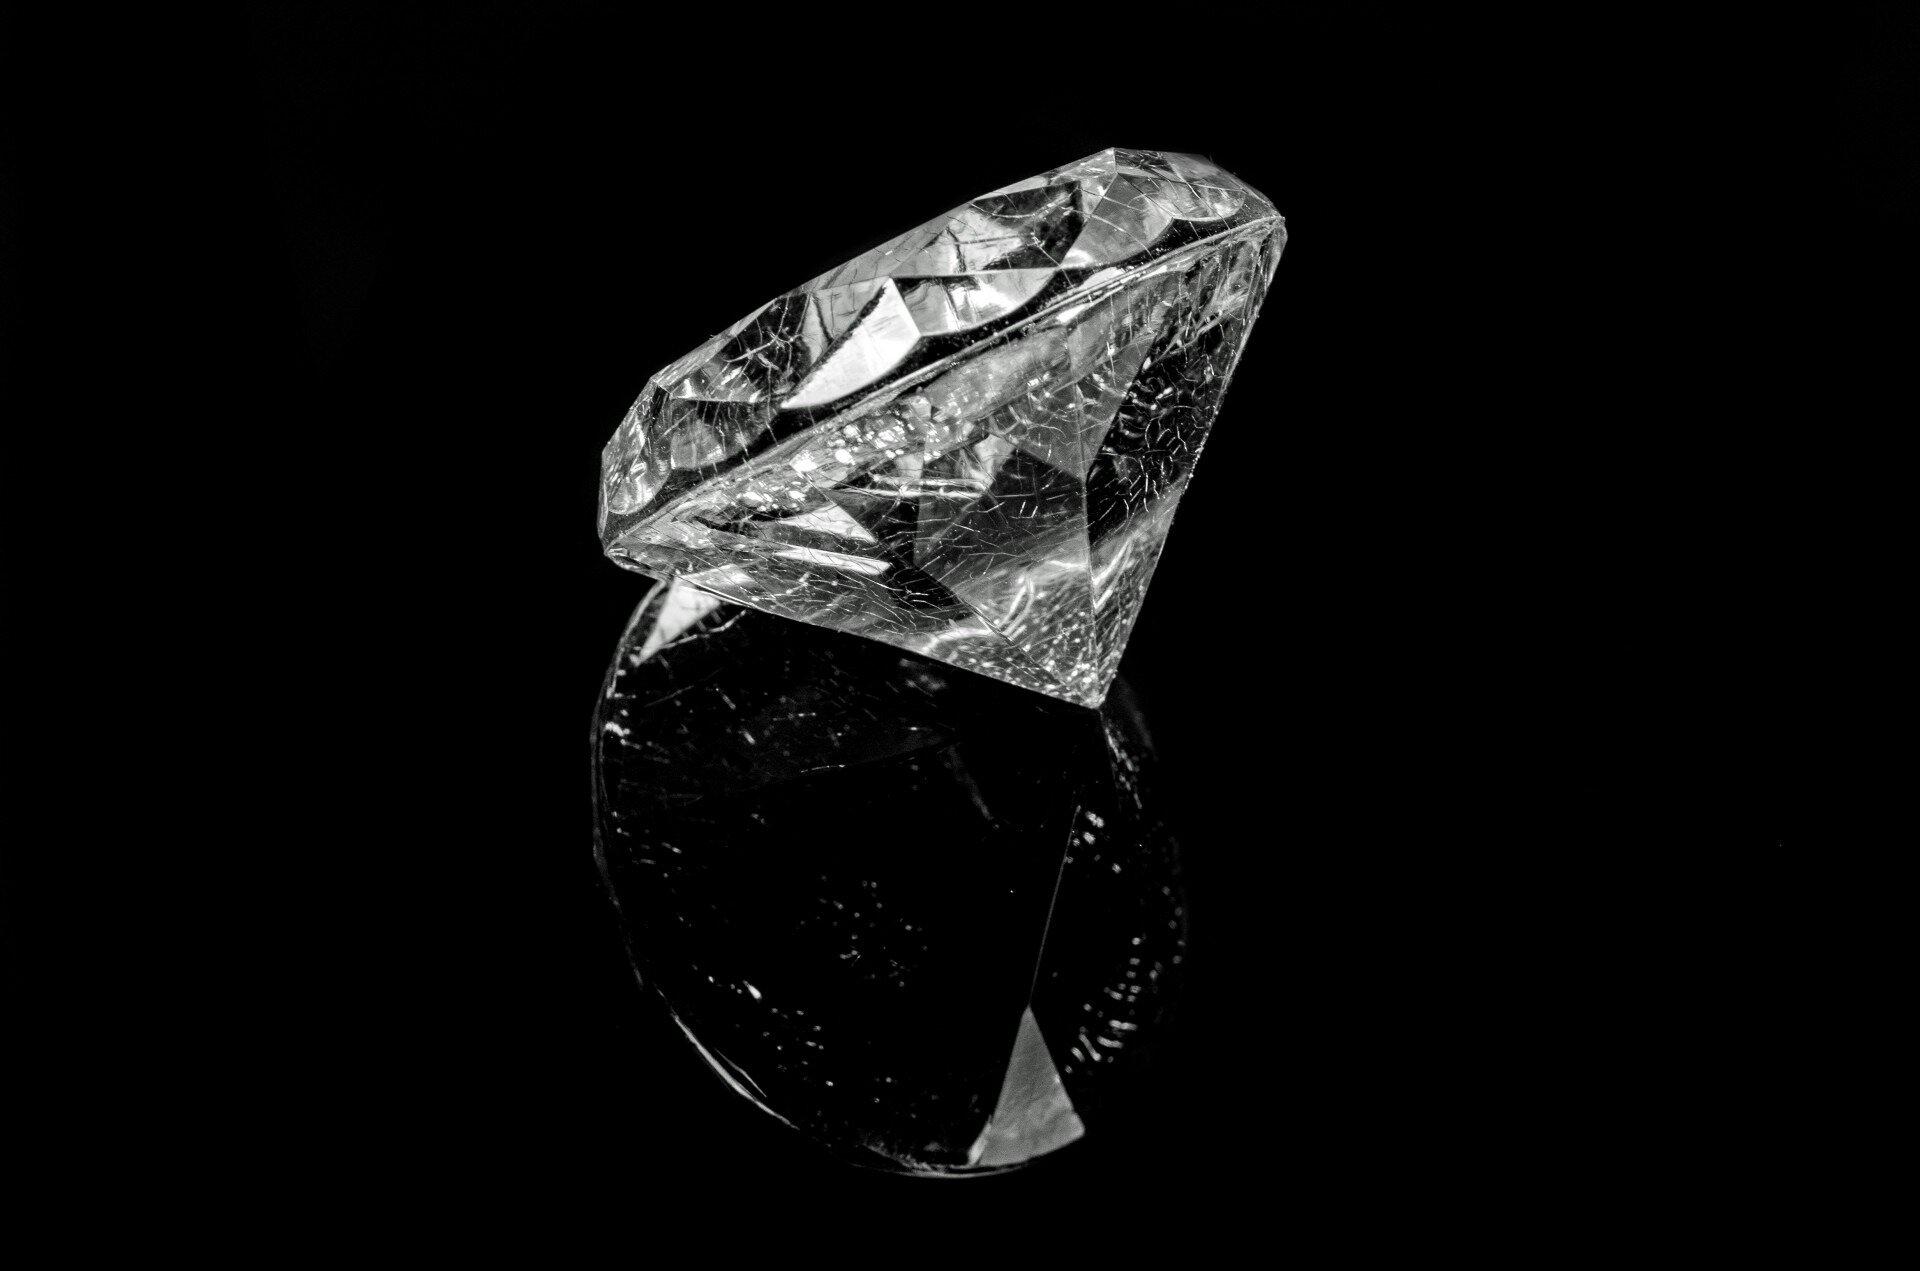 Zdjęcie przedstawia oszlifowany diament, czyli brylant leżący na czarnym tle odbijającym wpewnym stopniu obraz jasnych partii kamienia.